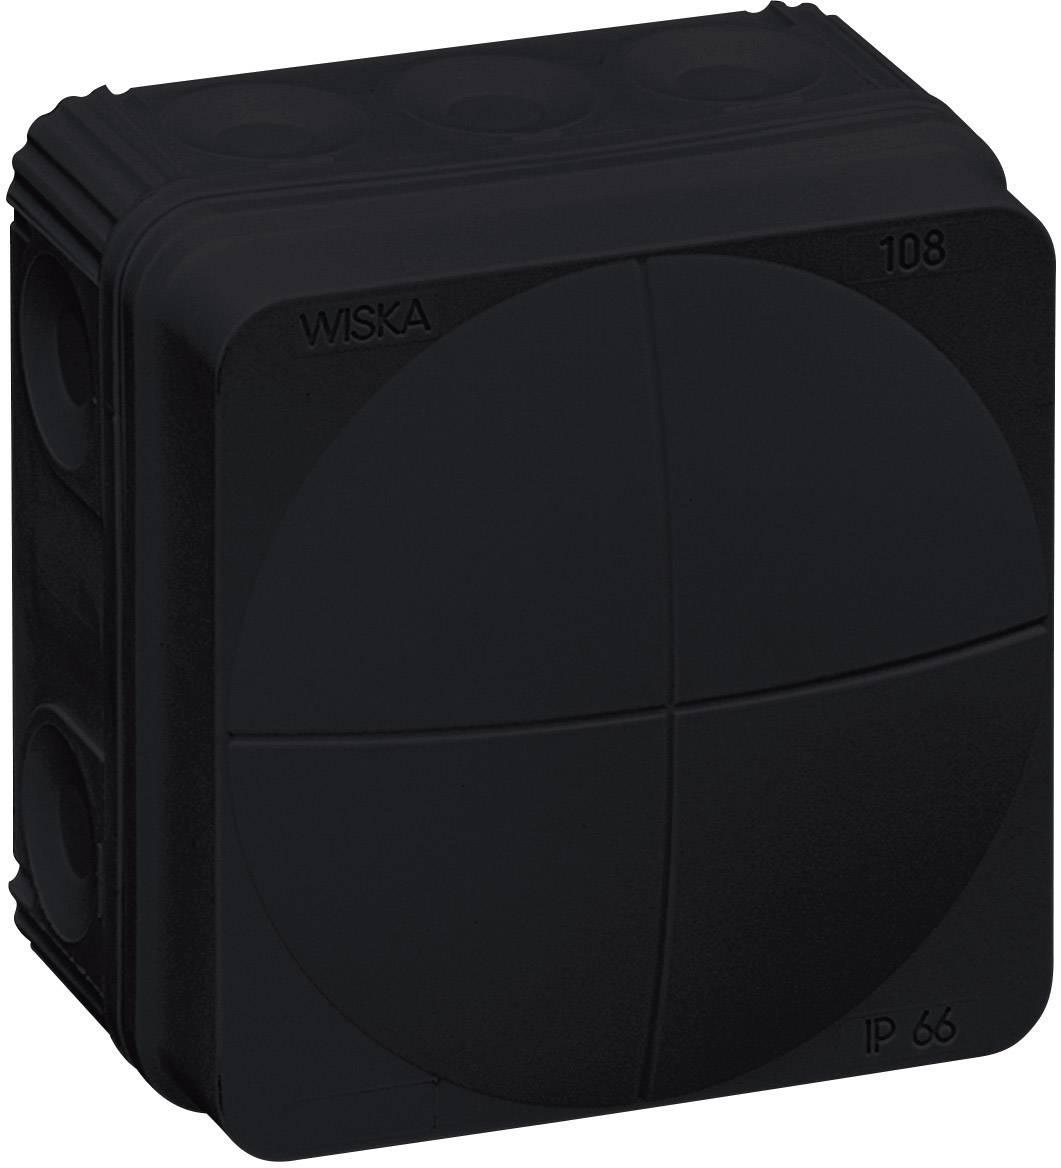 Rozbočovacia krabica Wiska Combi 108, IP66, čierna, 10061999